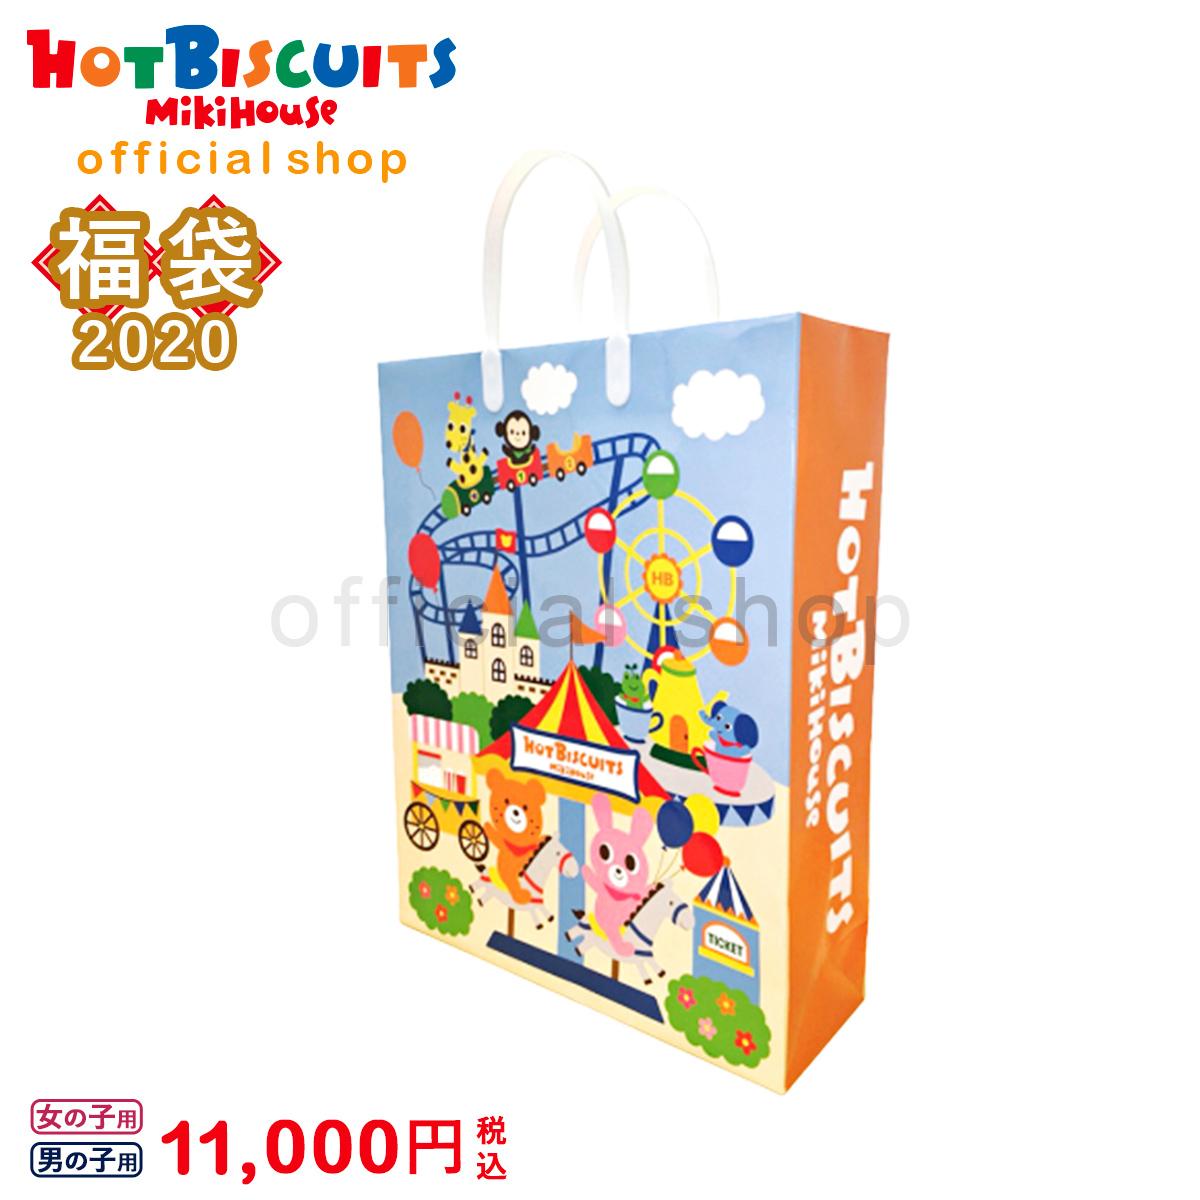 ホットビスケッツ 1万円福袋